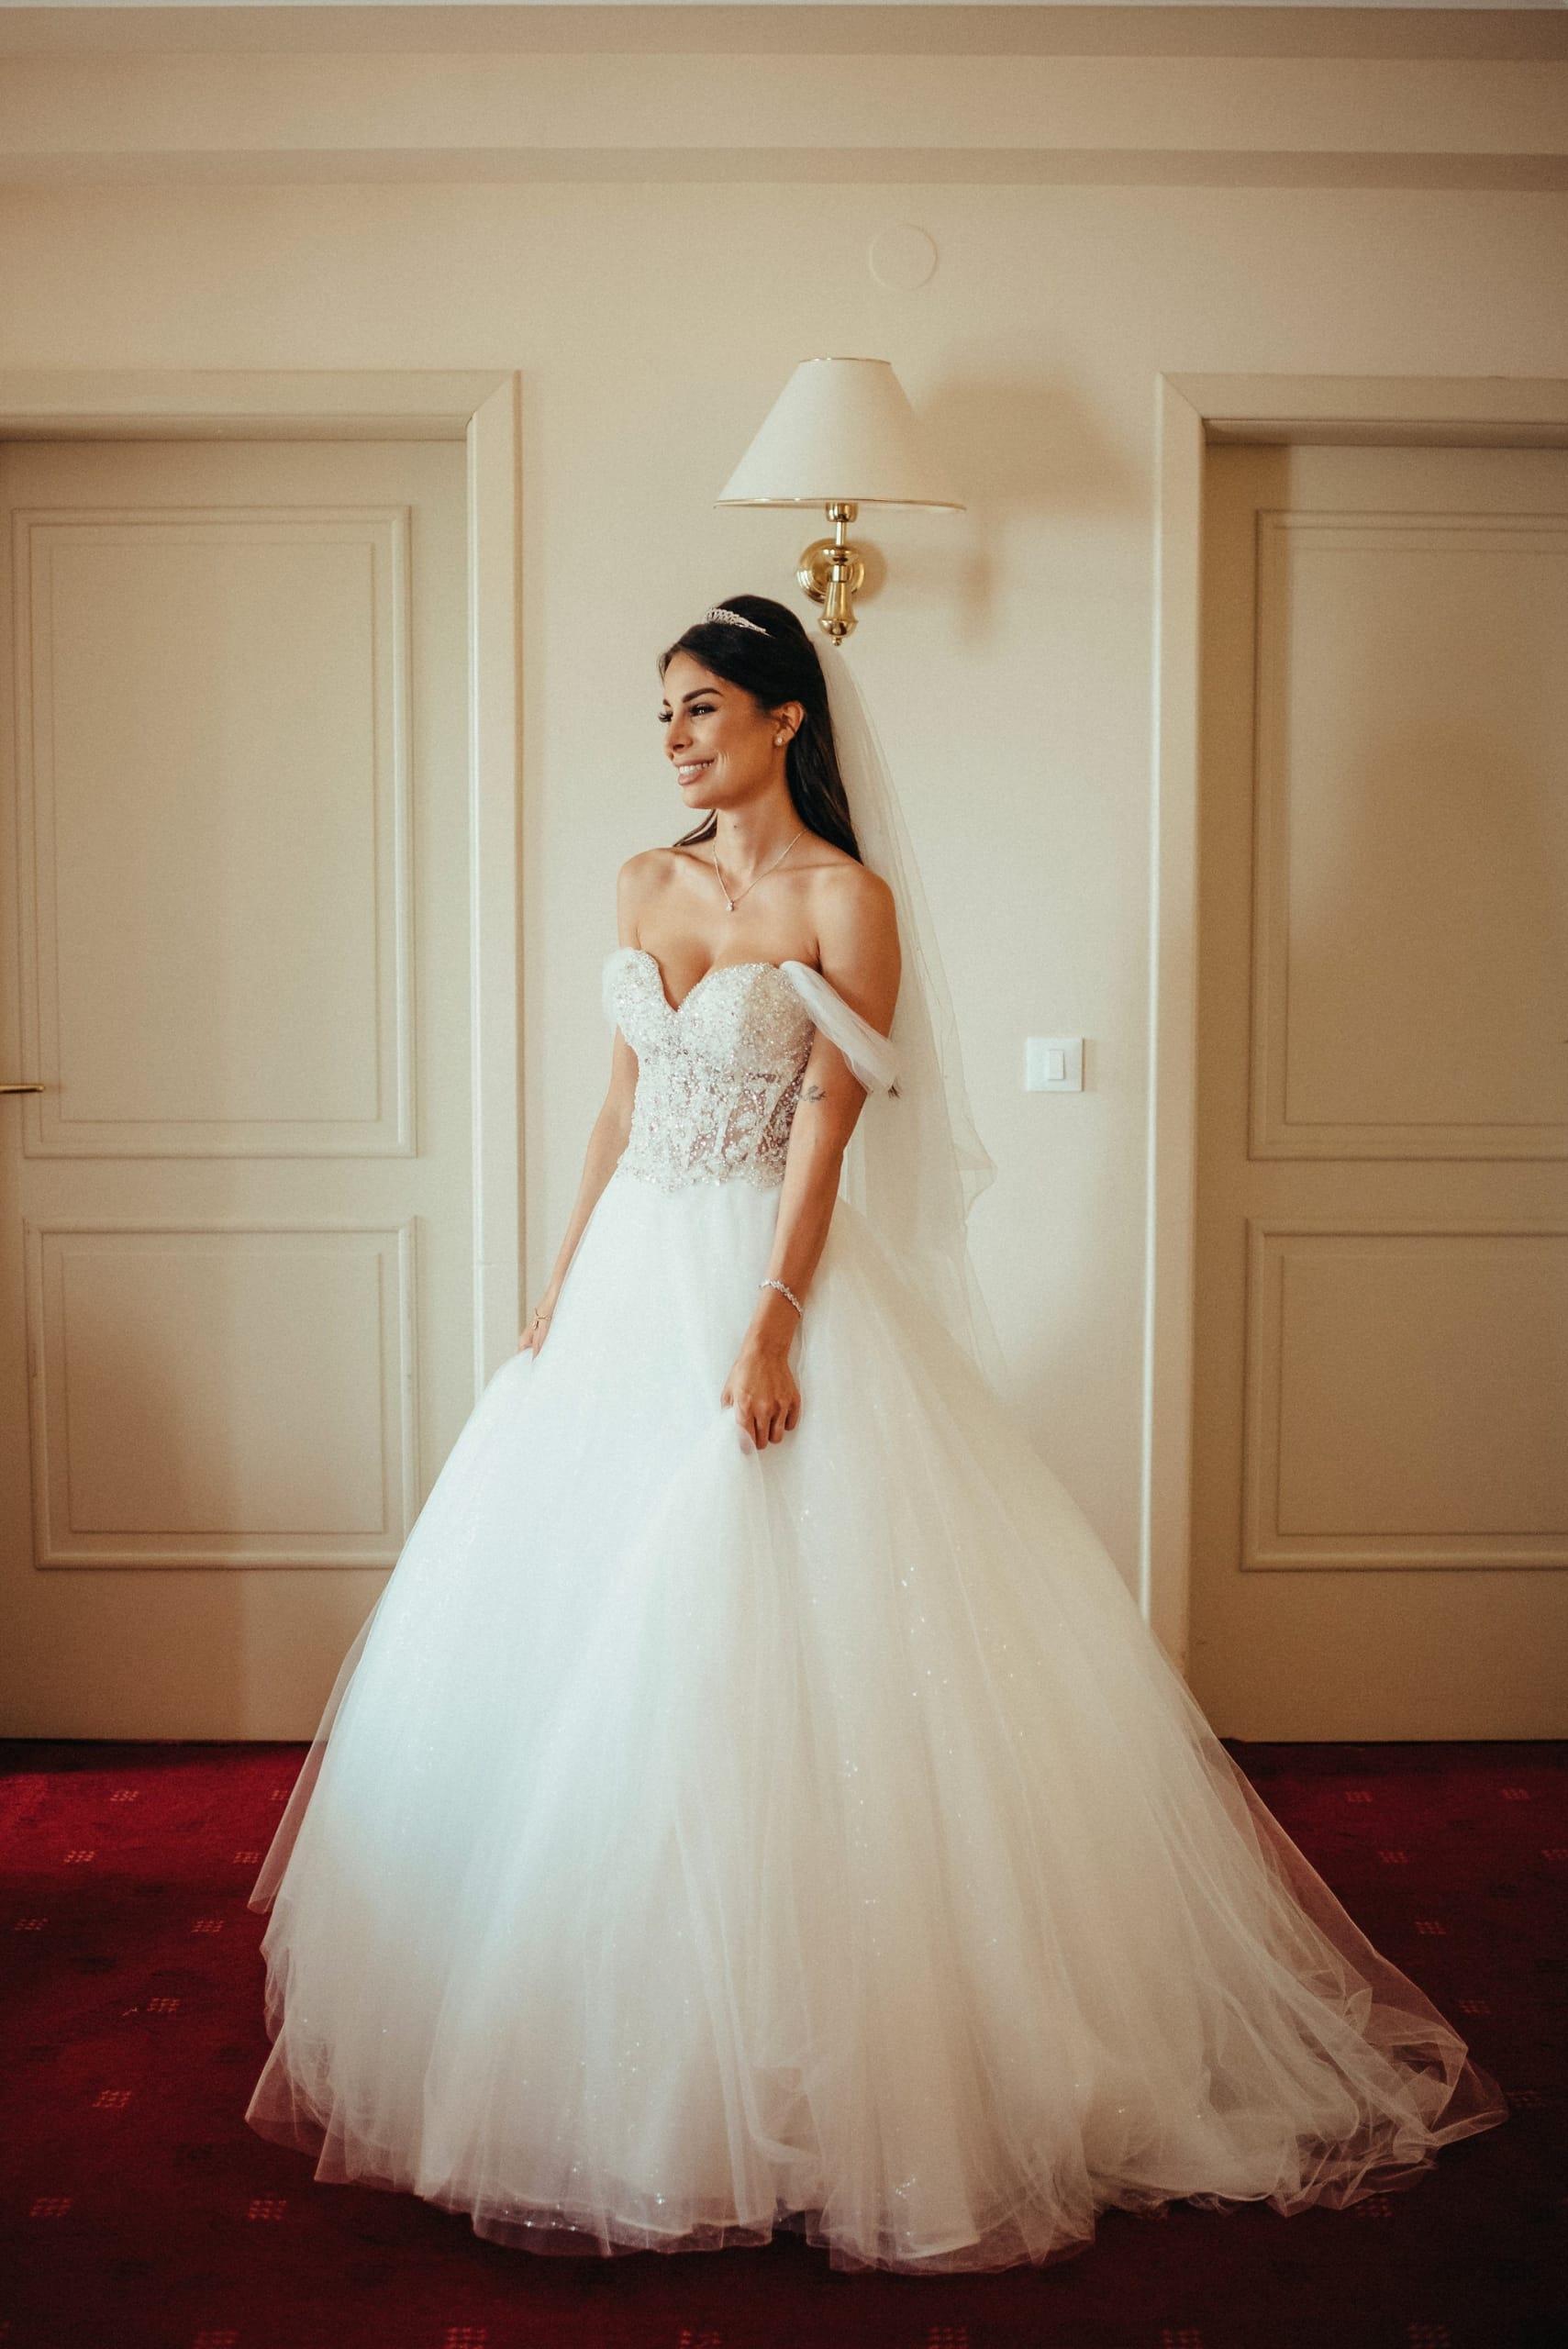 opatija wedding photographer abbazia ki 0032 scaled - Hotel Royal Wedding Photographer Opatija